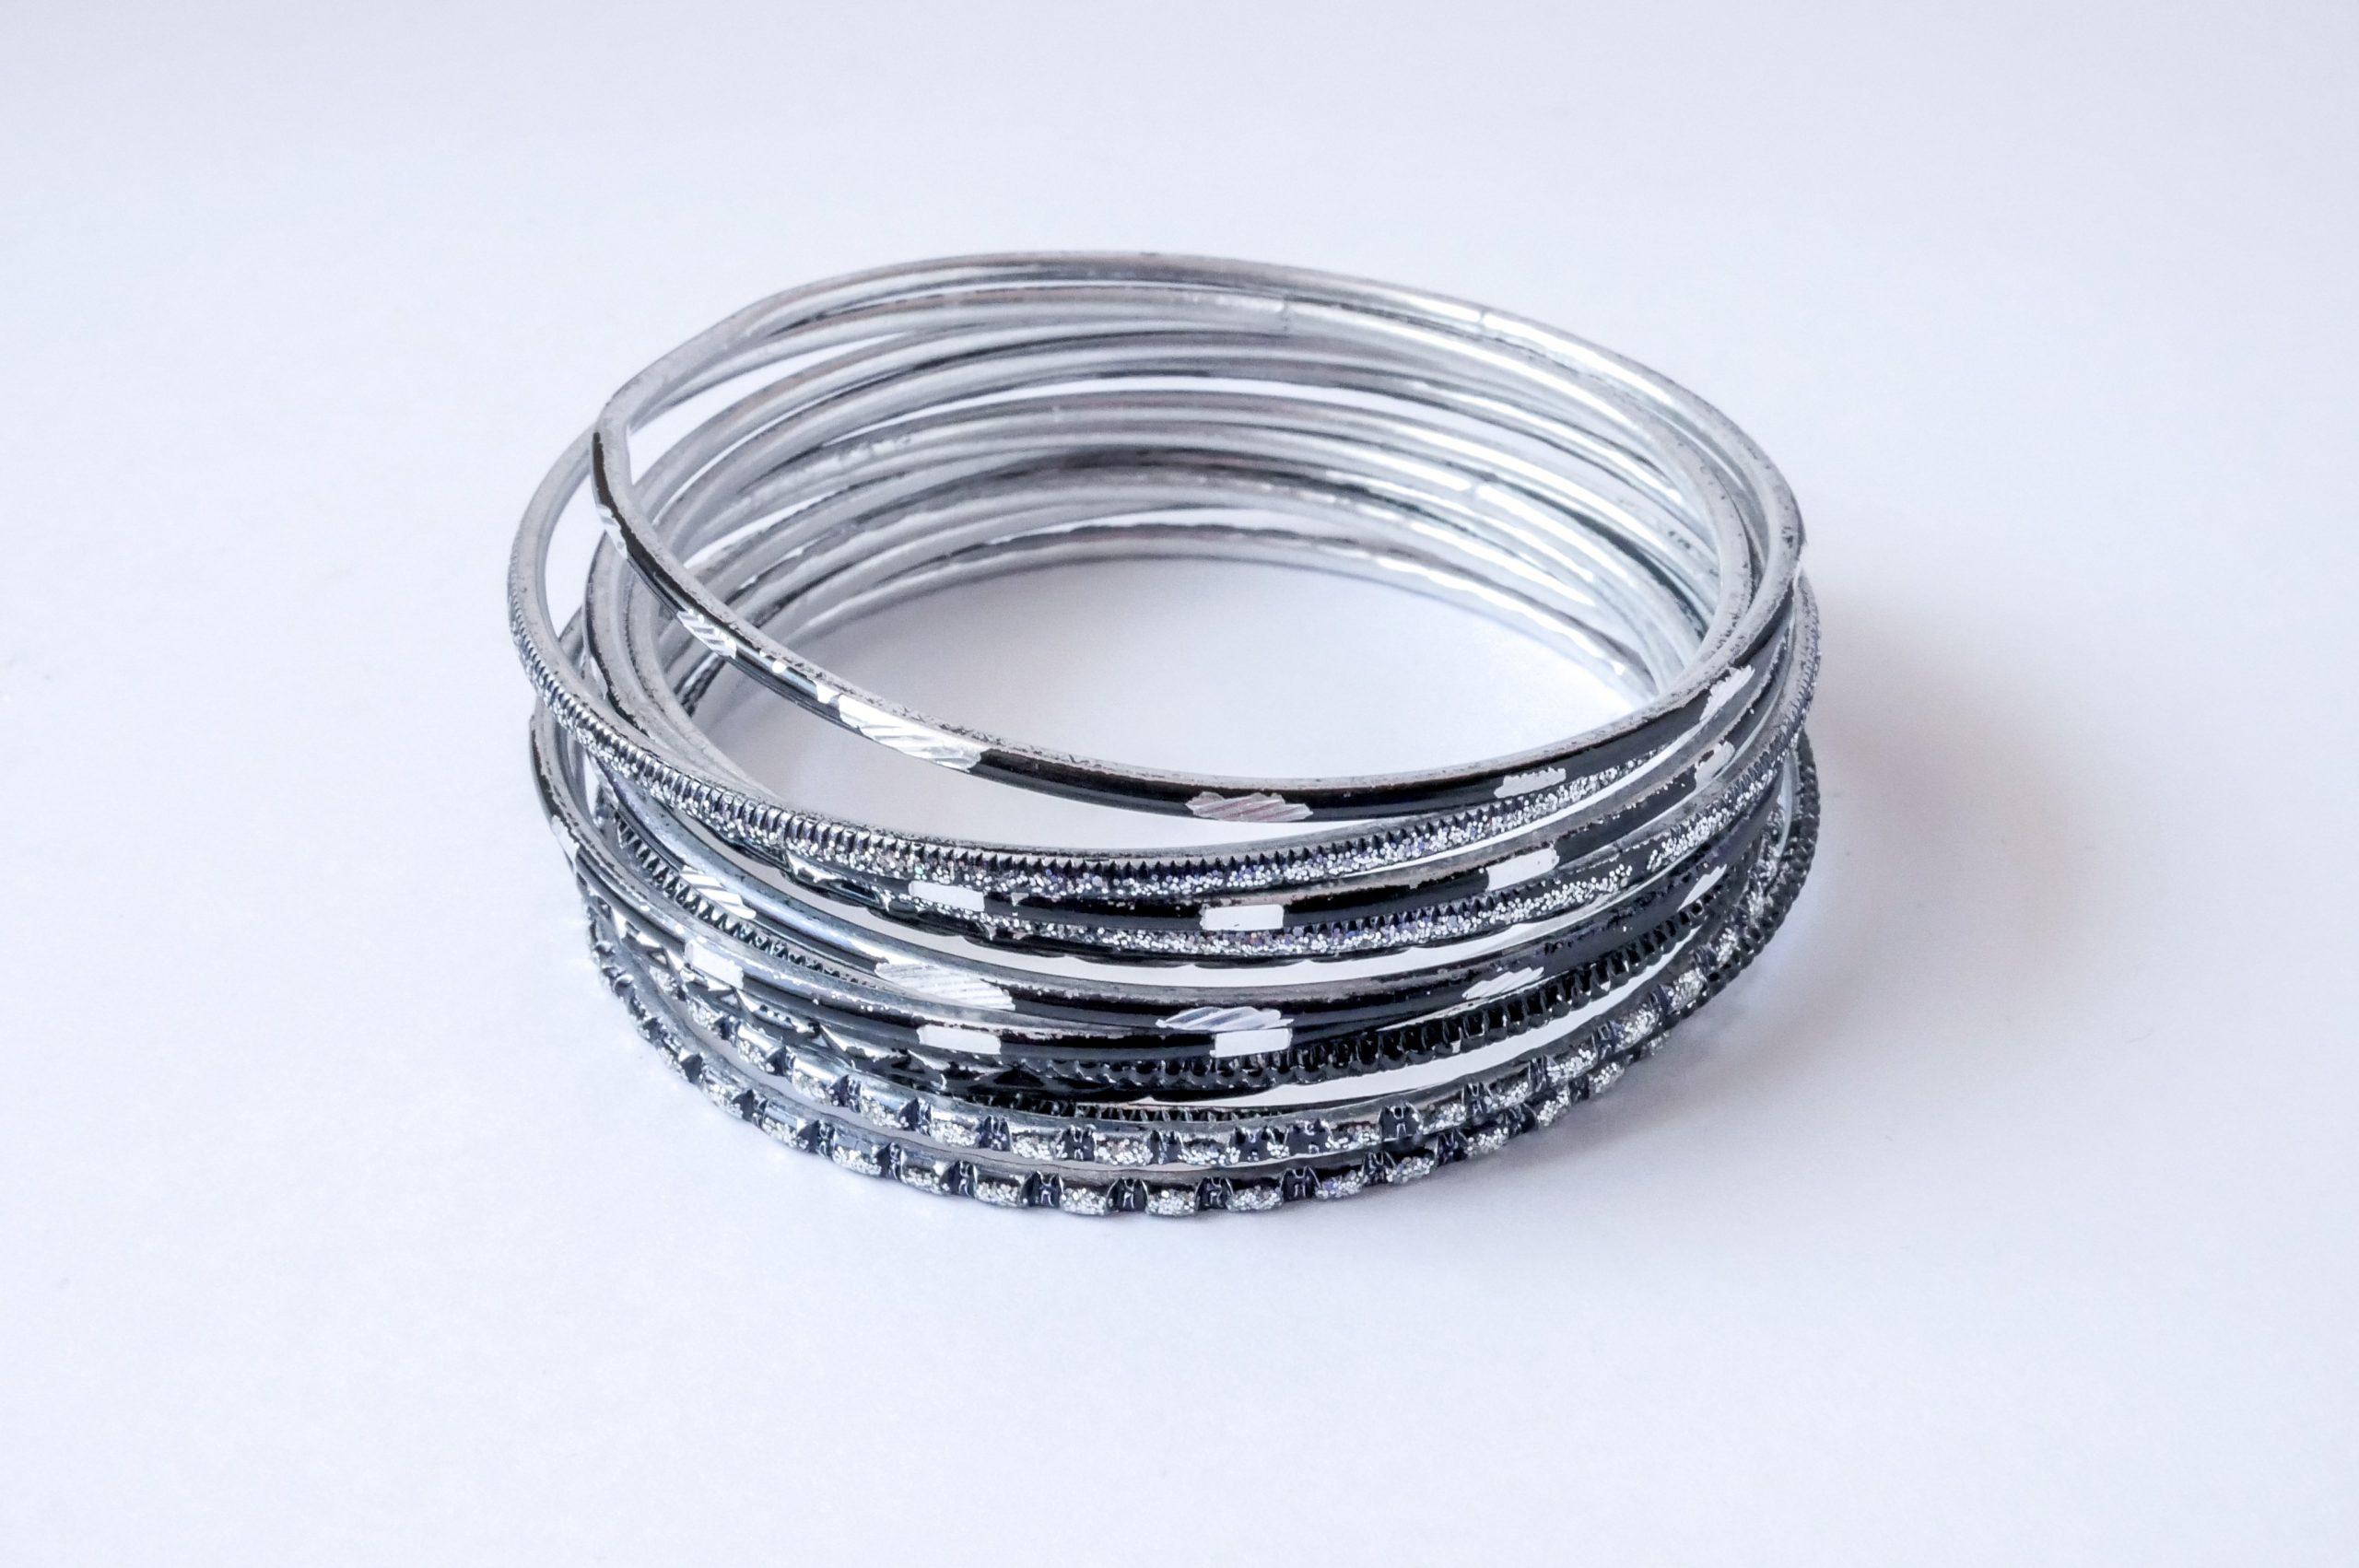 أنواع الفضة